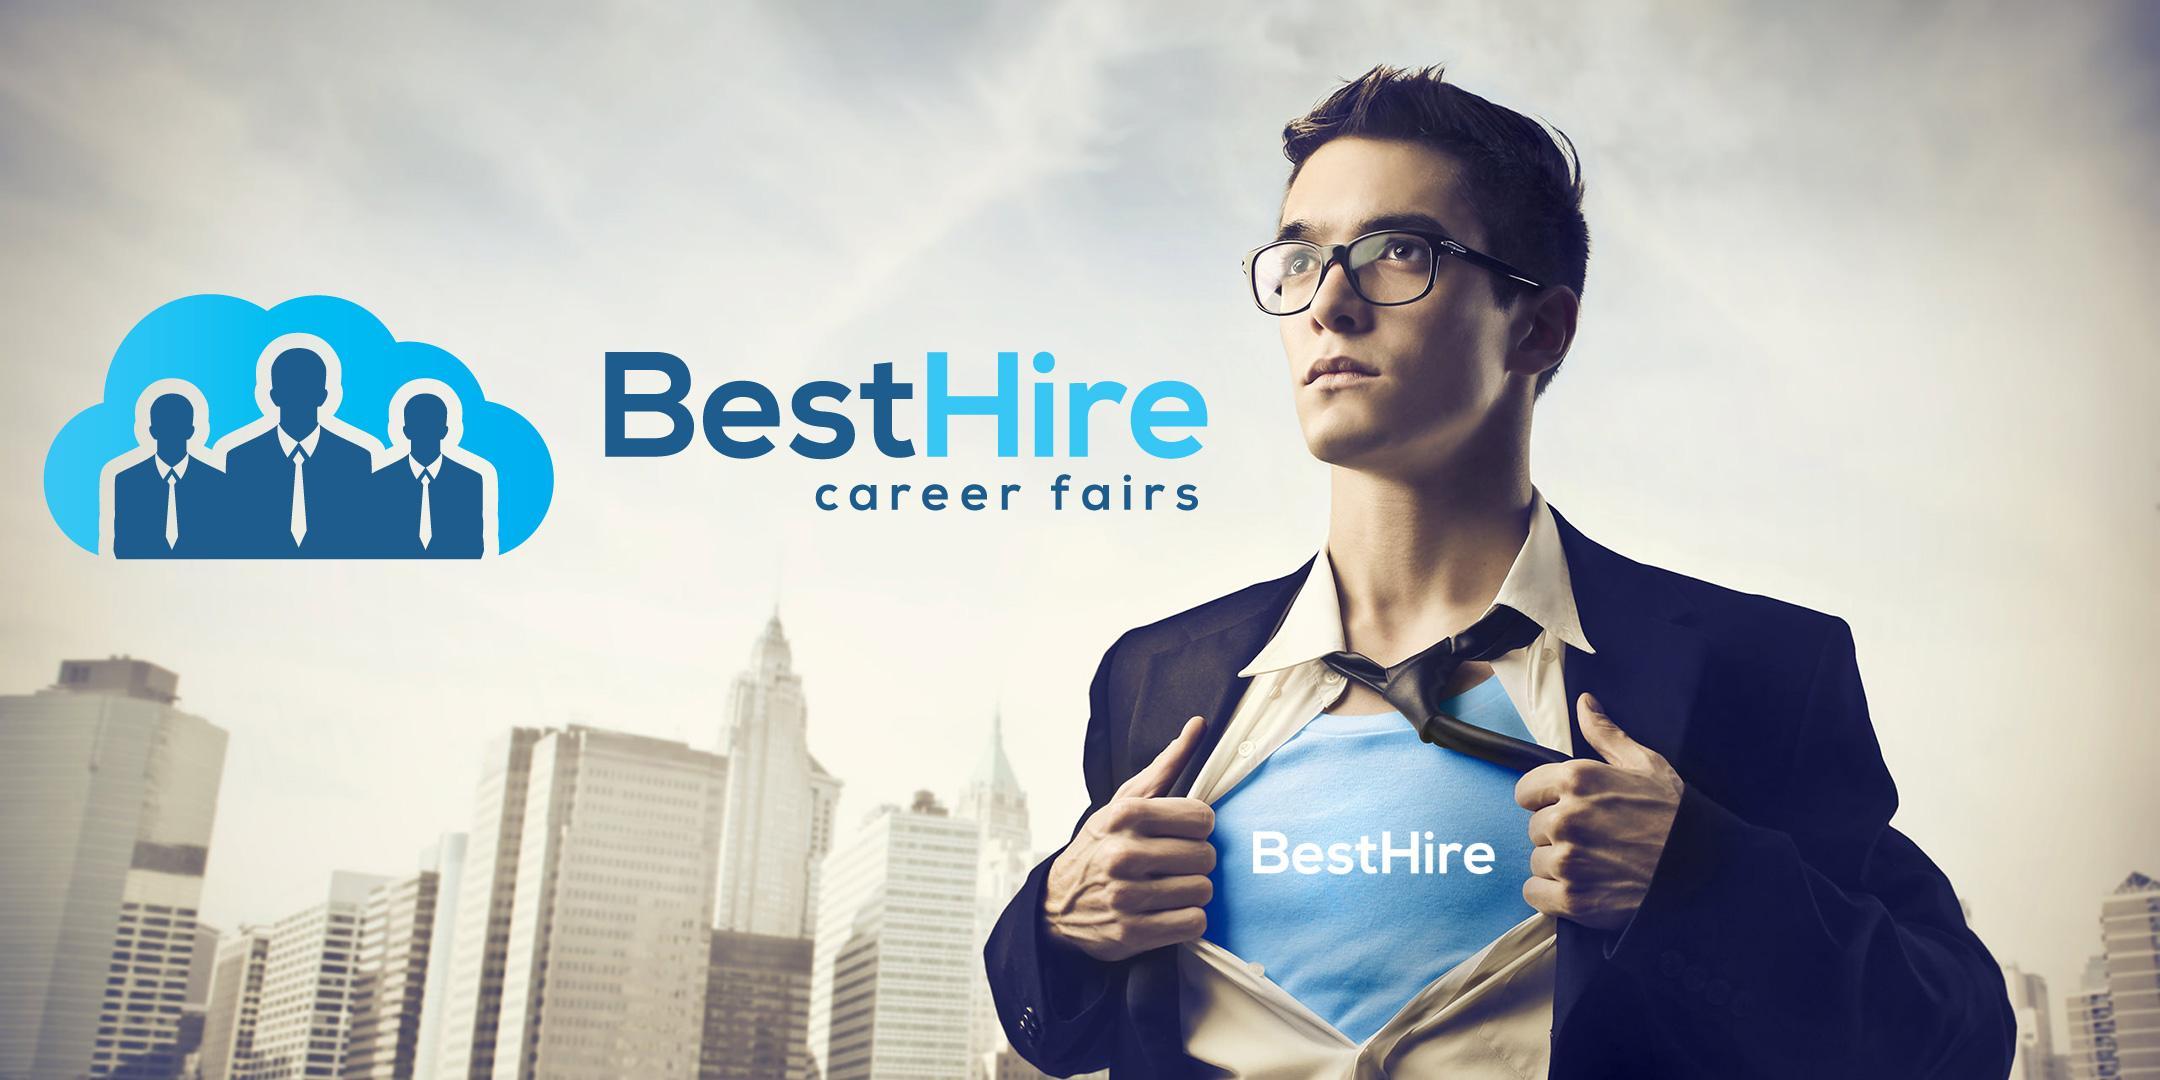 Dallas Career Fair - August 9, 2017 Job Fairs & Hiring Events in Dallas TX